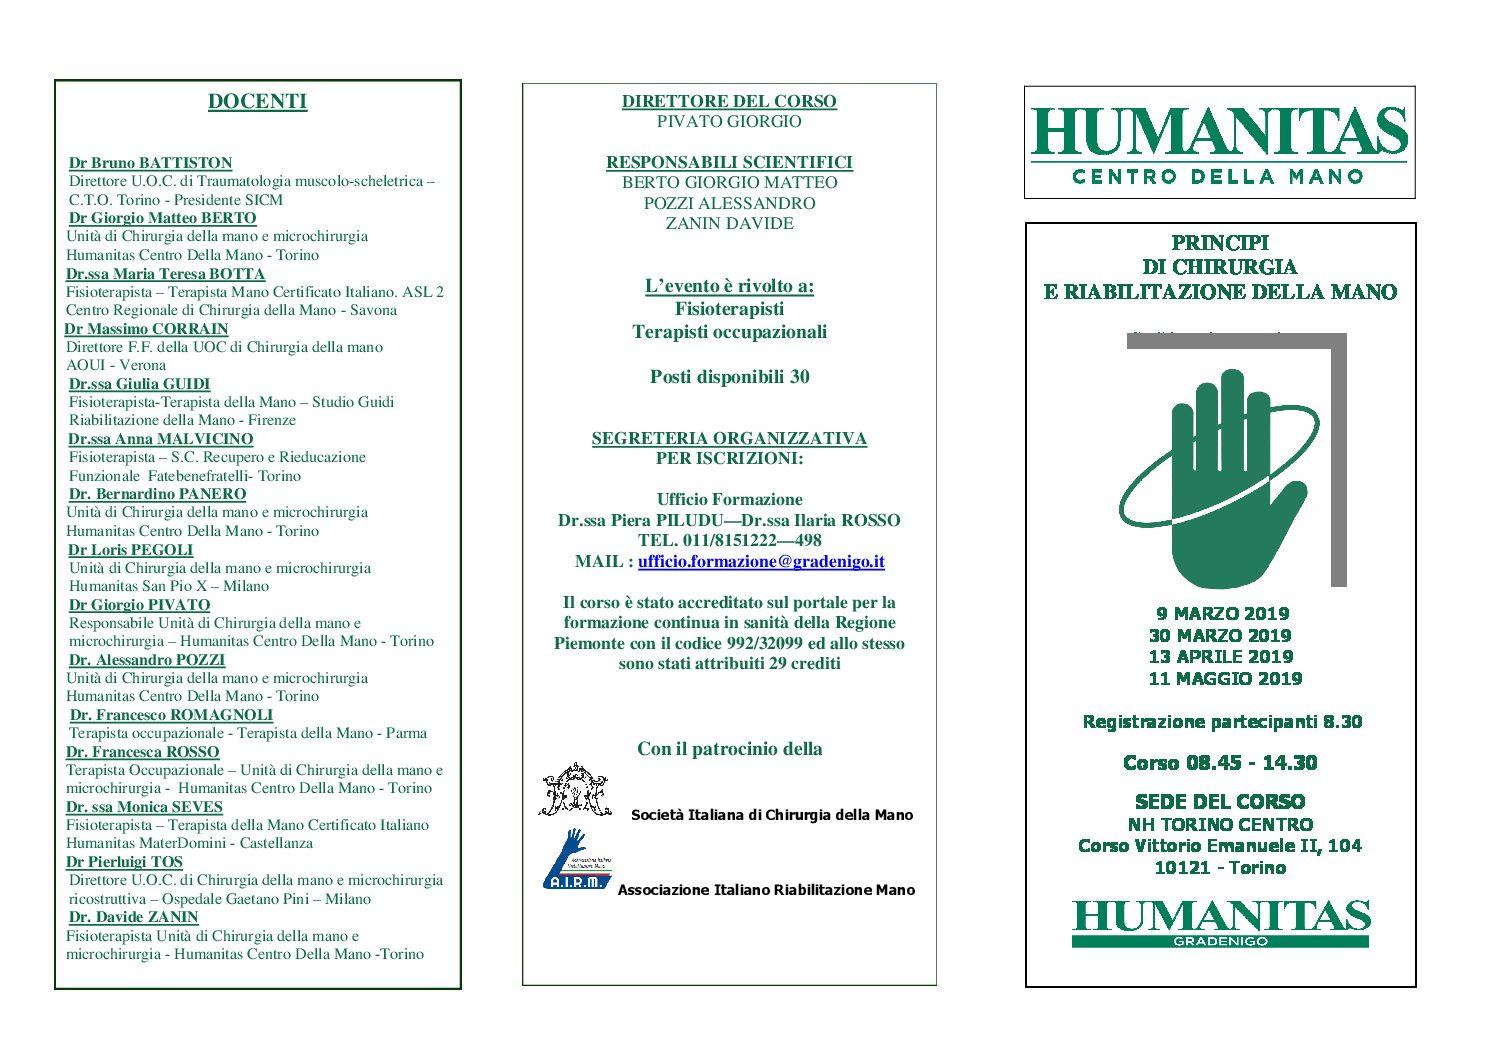 Principi di Chirurgia e Riabilitazione della Mano HUMANITAS